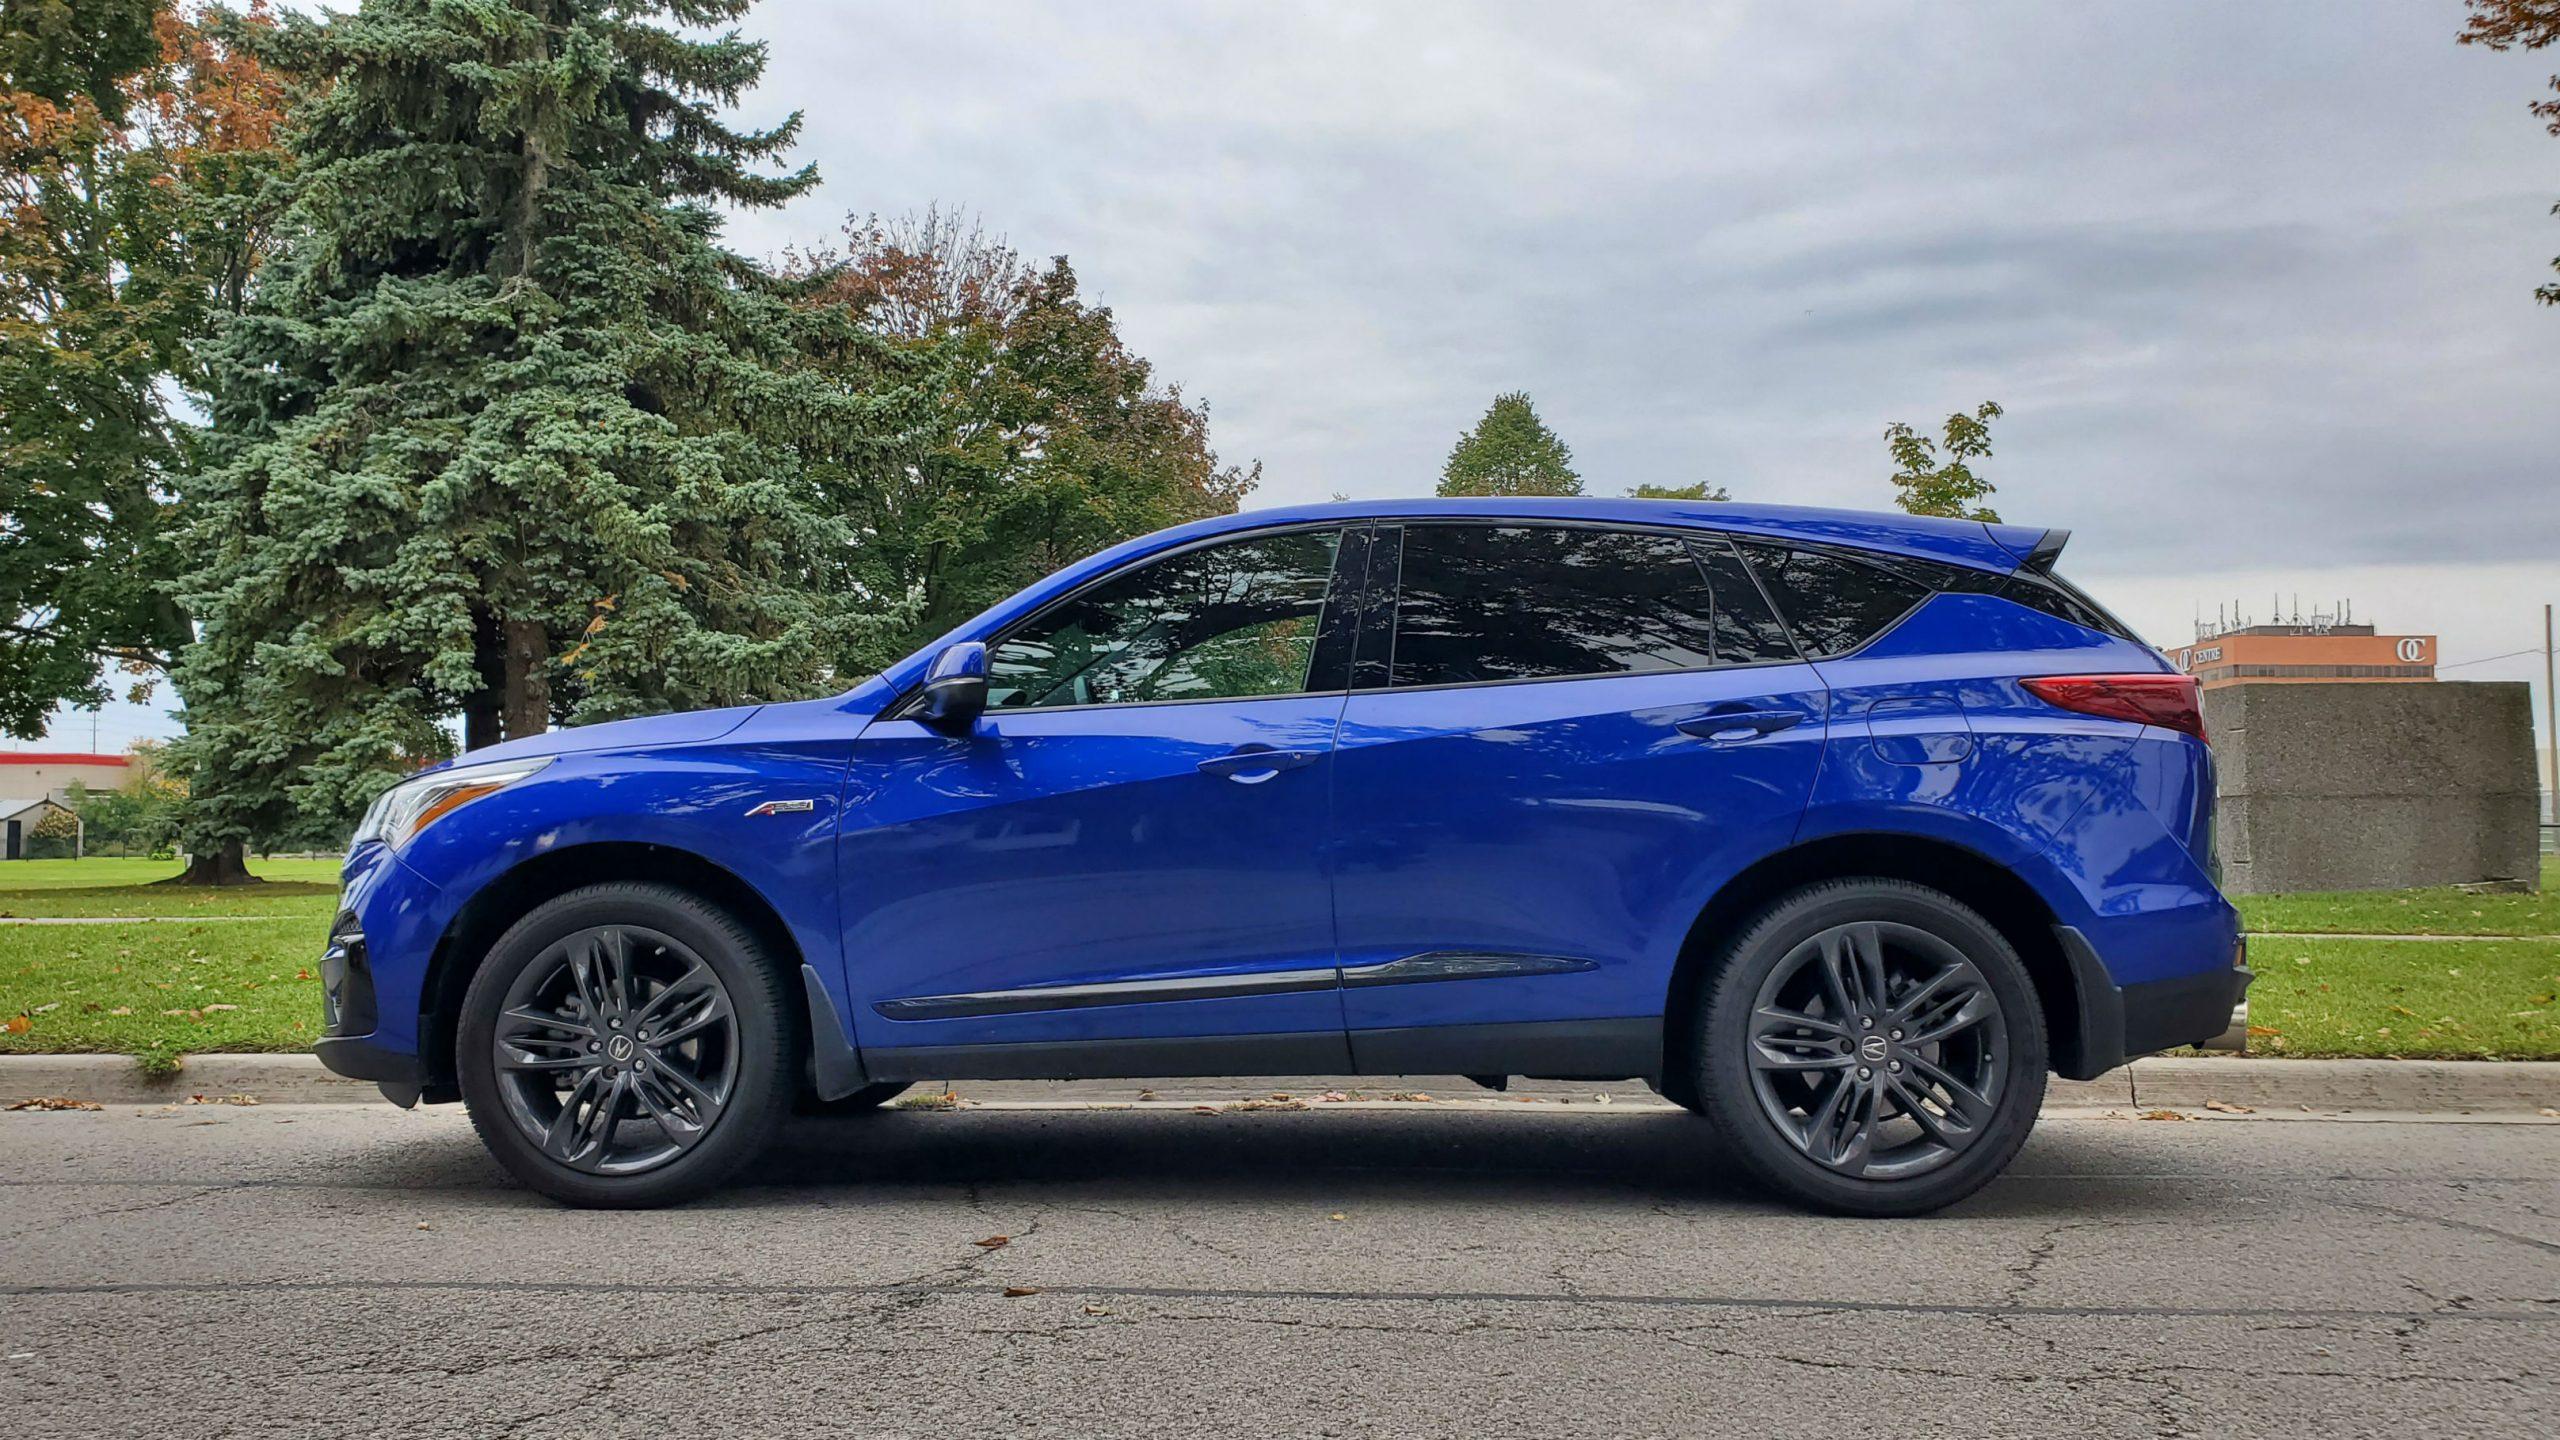 Review 2020 Acura RDX A-Spec